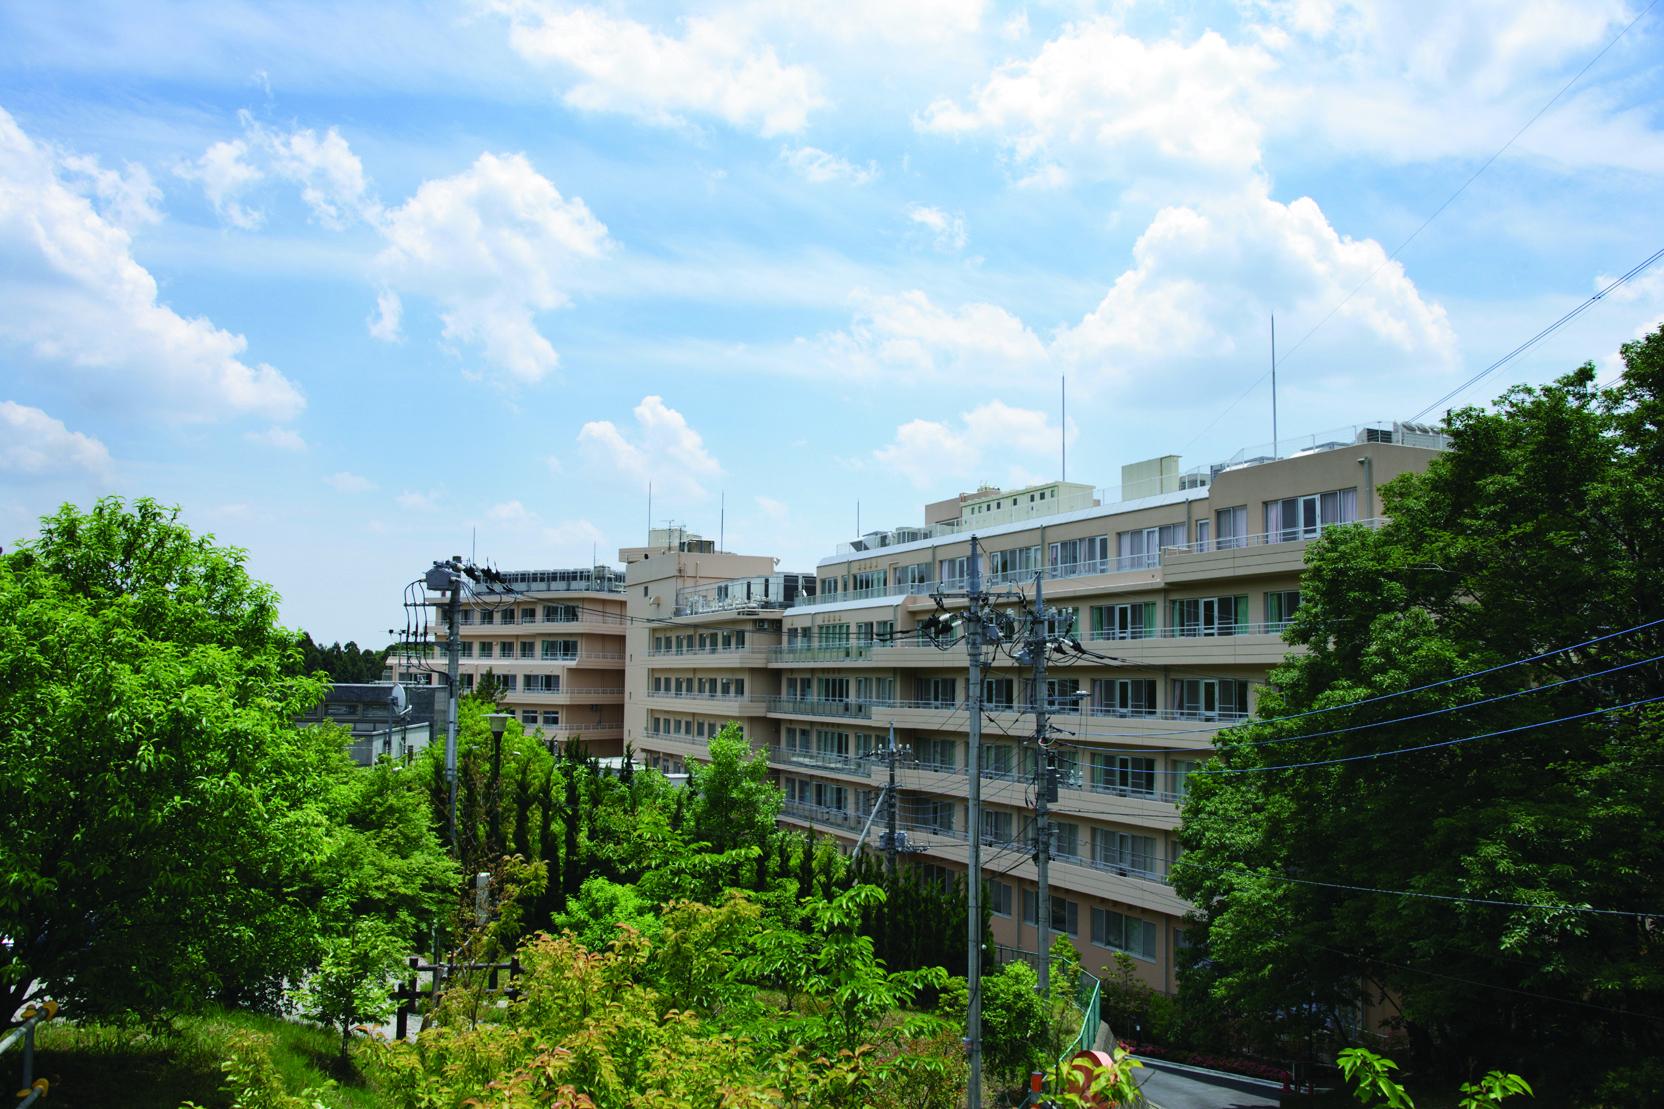 9.鶴川サナトリウム病院